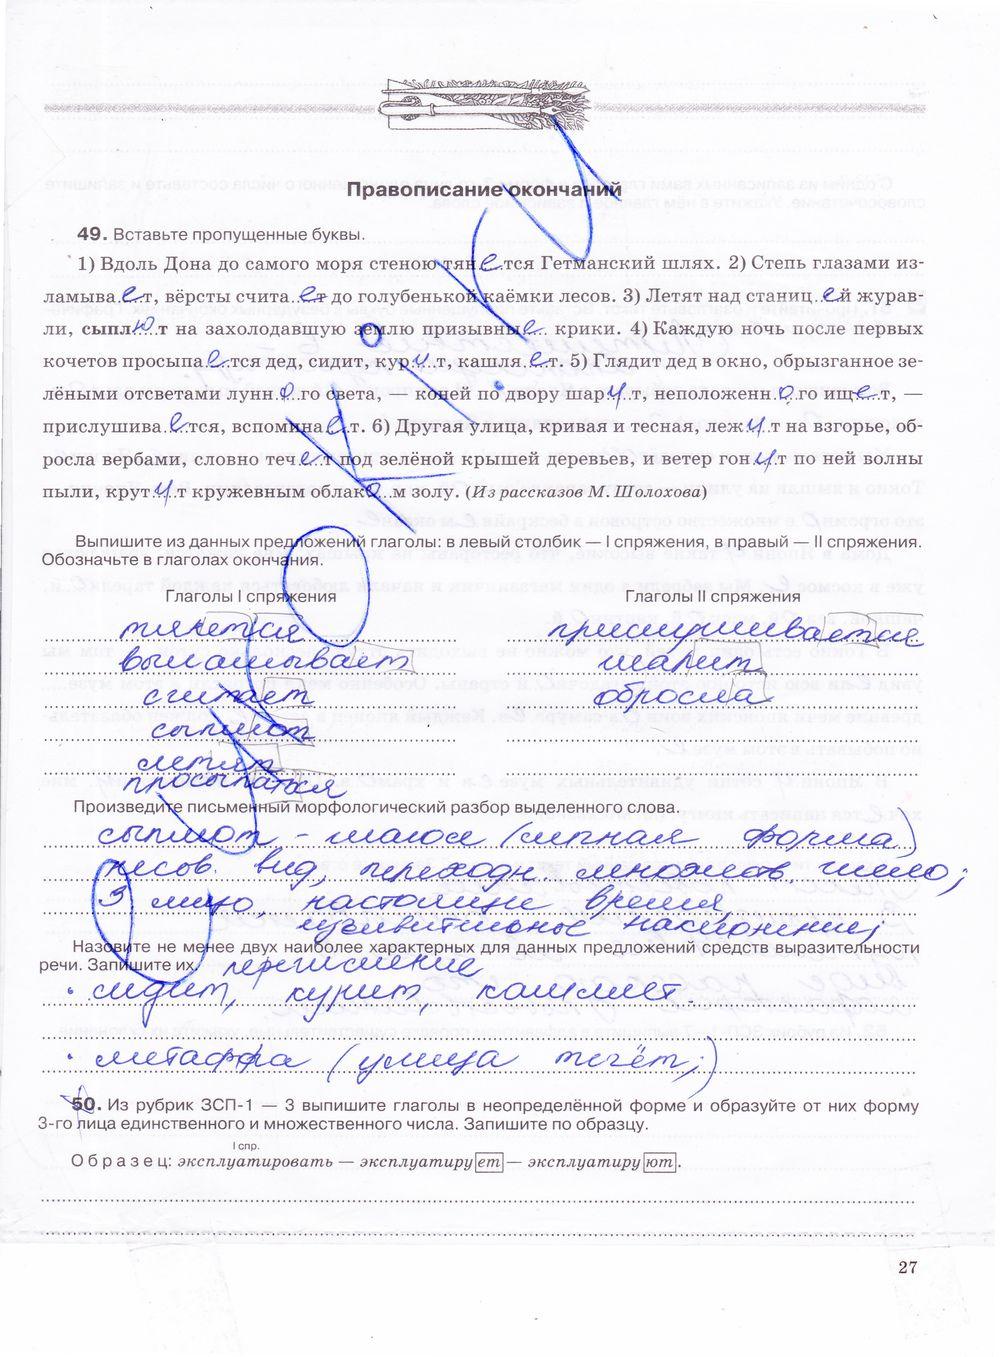 Перевод текста с английского на русский учебника 3класса